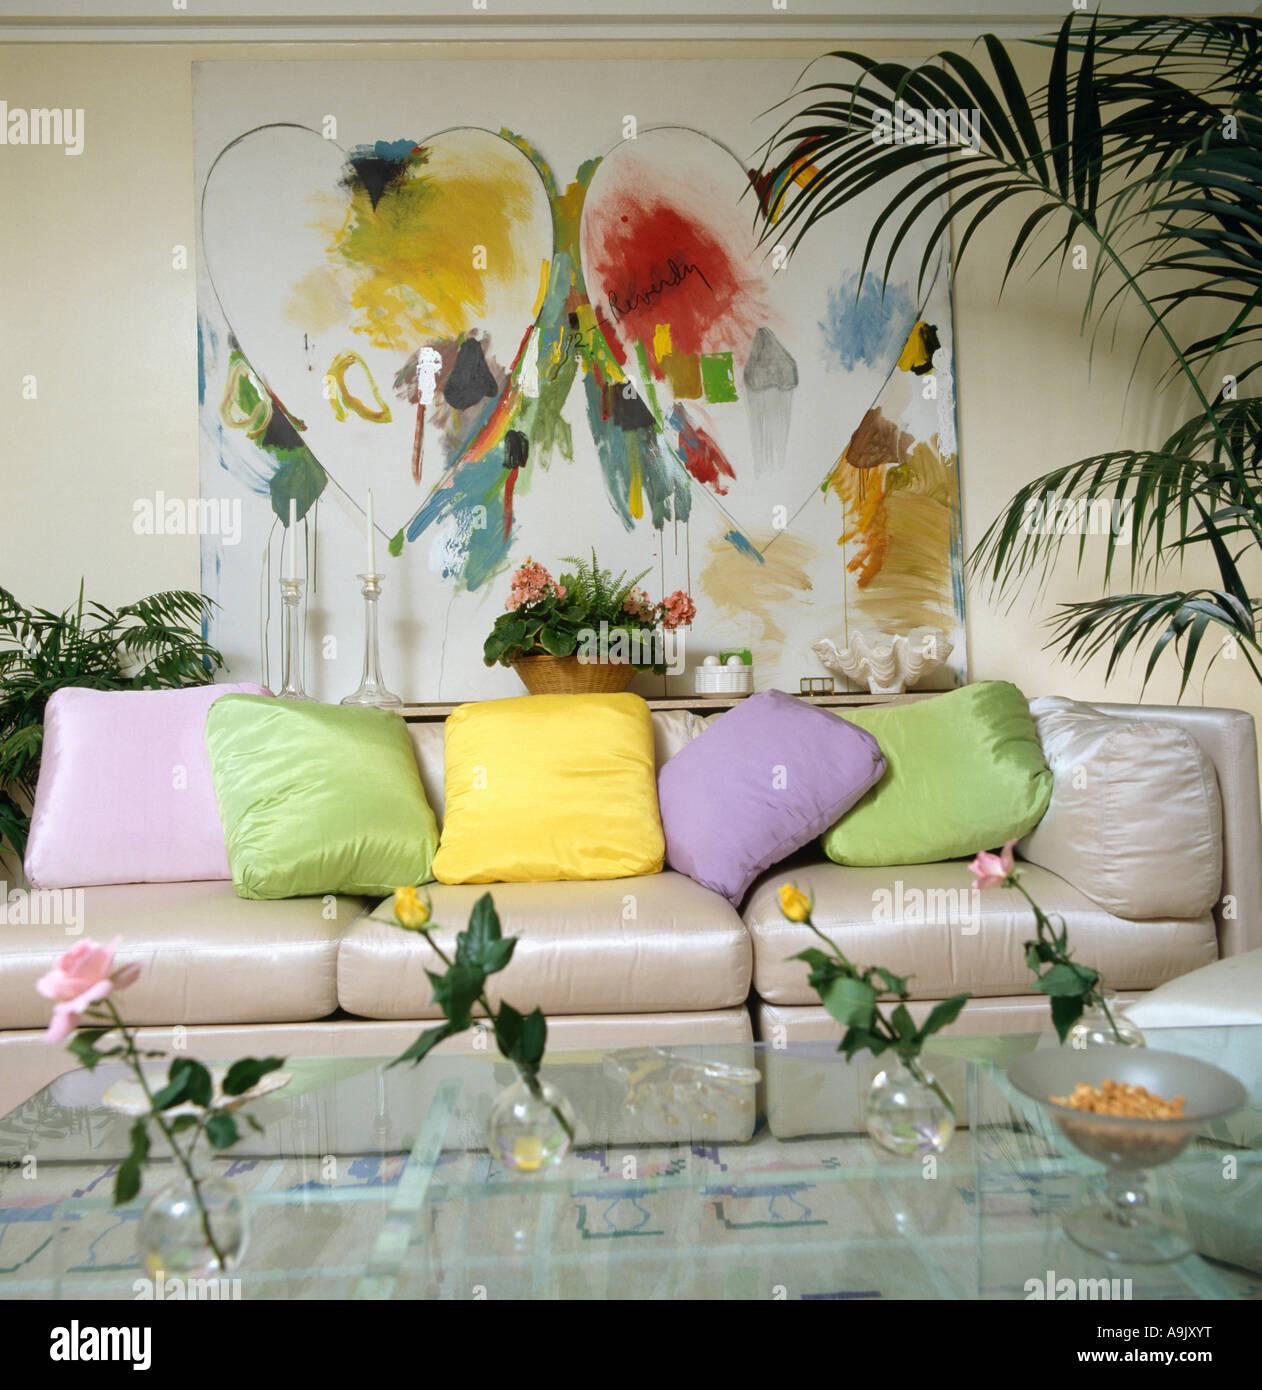 Große Bunte Abstrakte Malerei über Beige Seide Sofa Mit Pastellfarbenen  Kissen In Achtziger Jahre Wohnzimmer